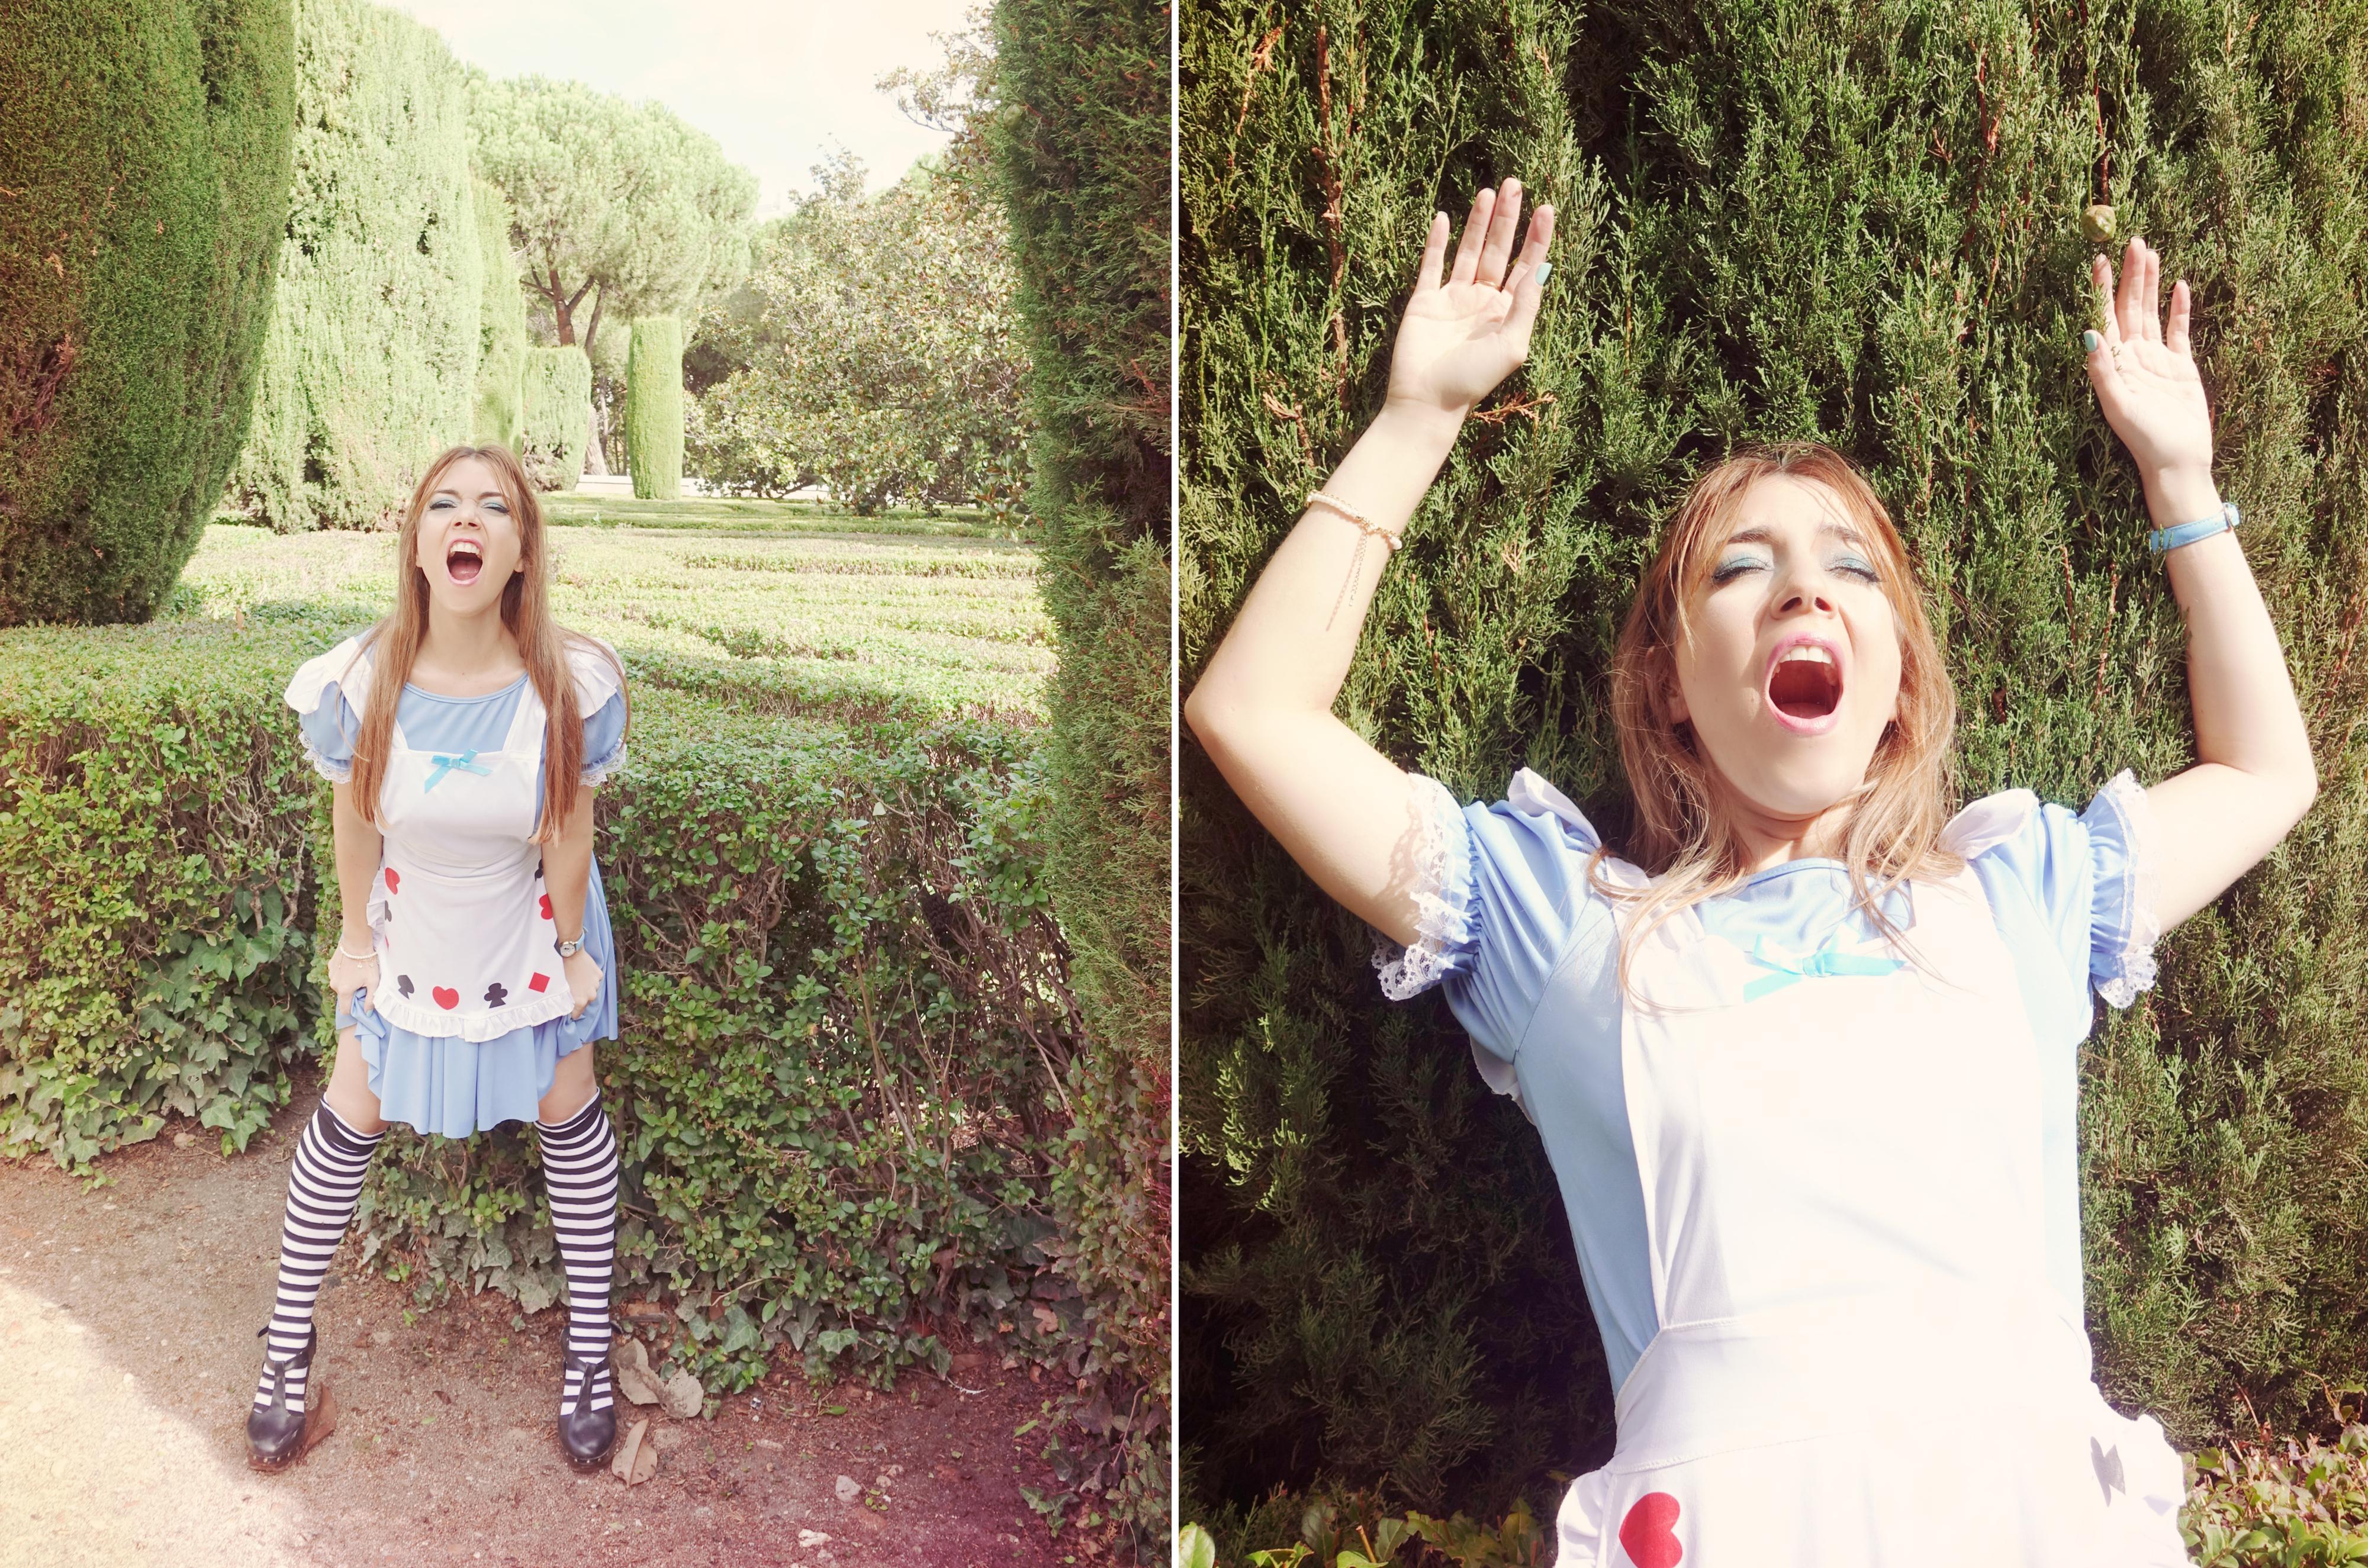 Alicia-en-el-pais-de-las-maravillas-disfraz-halloween-PiensaenChic-blog-de-moda-Chicadicta-influencer-spain-fashuinista-Chic-adicta-Piensa-en-Chic